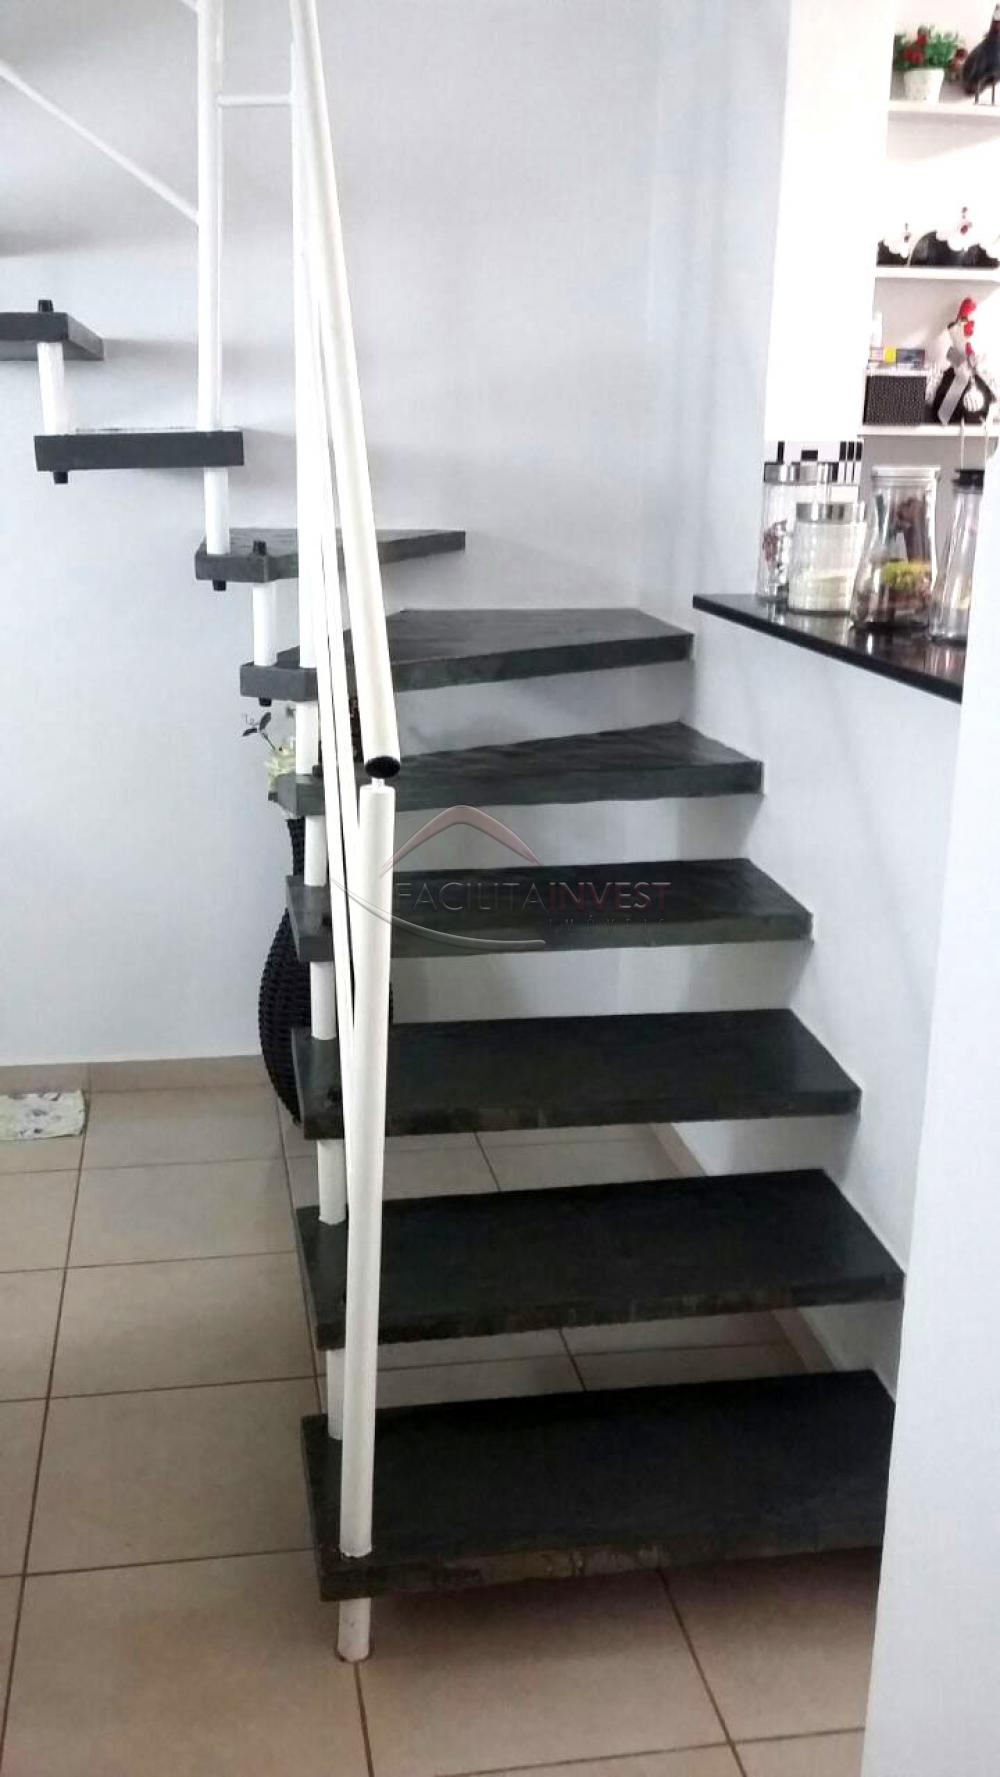 Comprar Apartamentos / Cobertura em Ribeirão Preto apenas R$ 220.000,00 - Foto 9